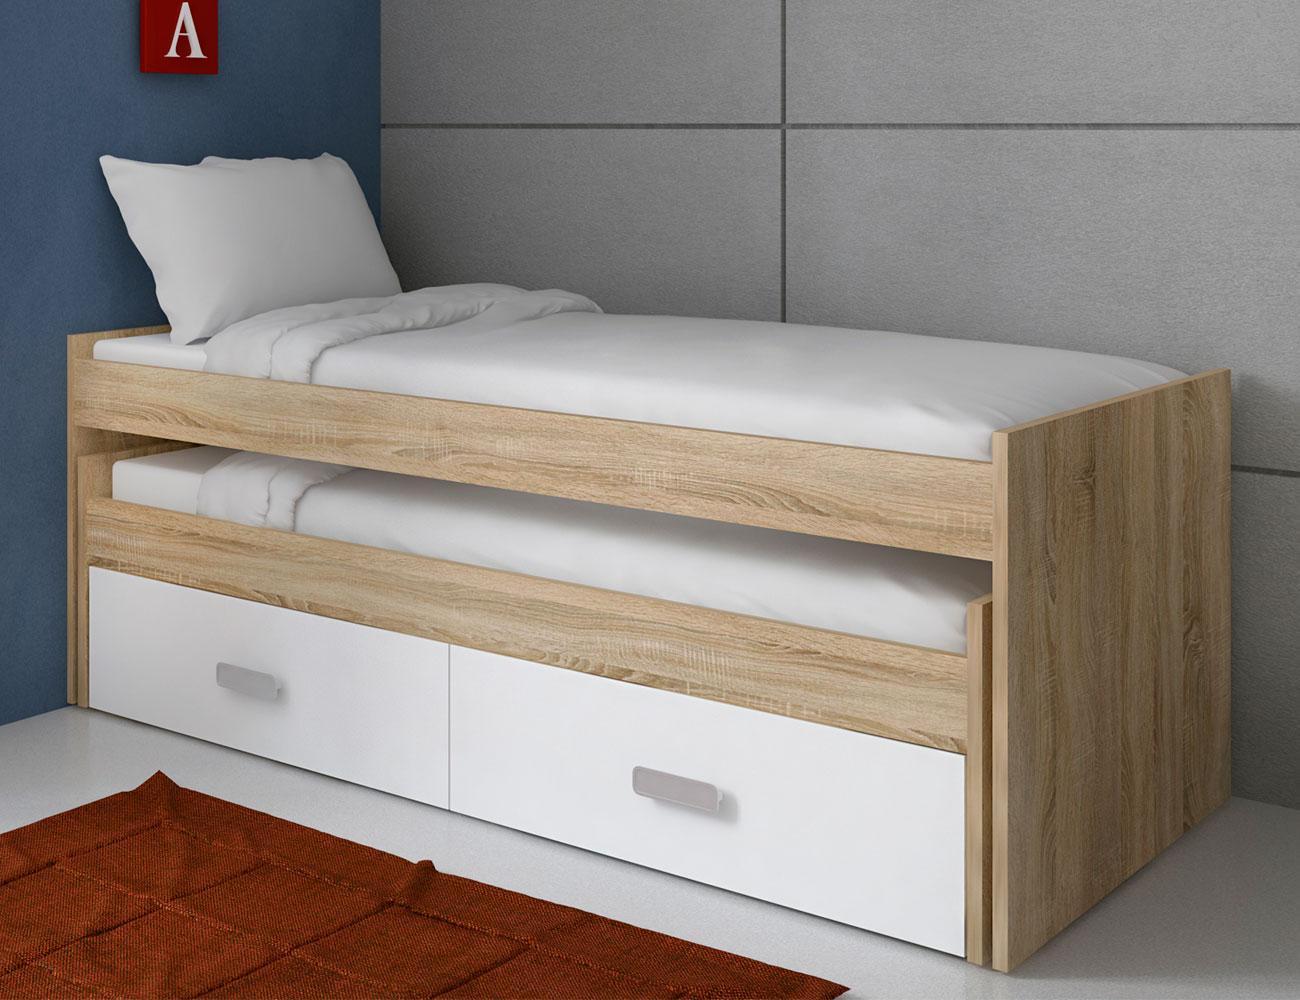 Dormitorio juvenil con cama nido y armario en cambrian con - Mueble cama nido ...